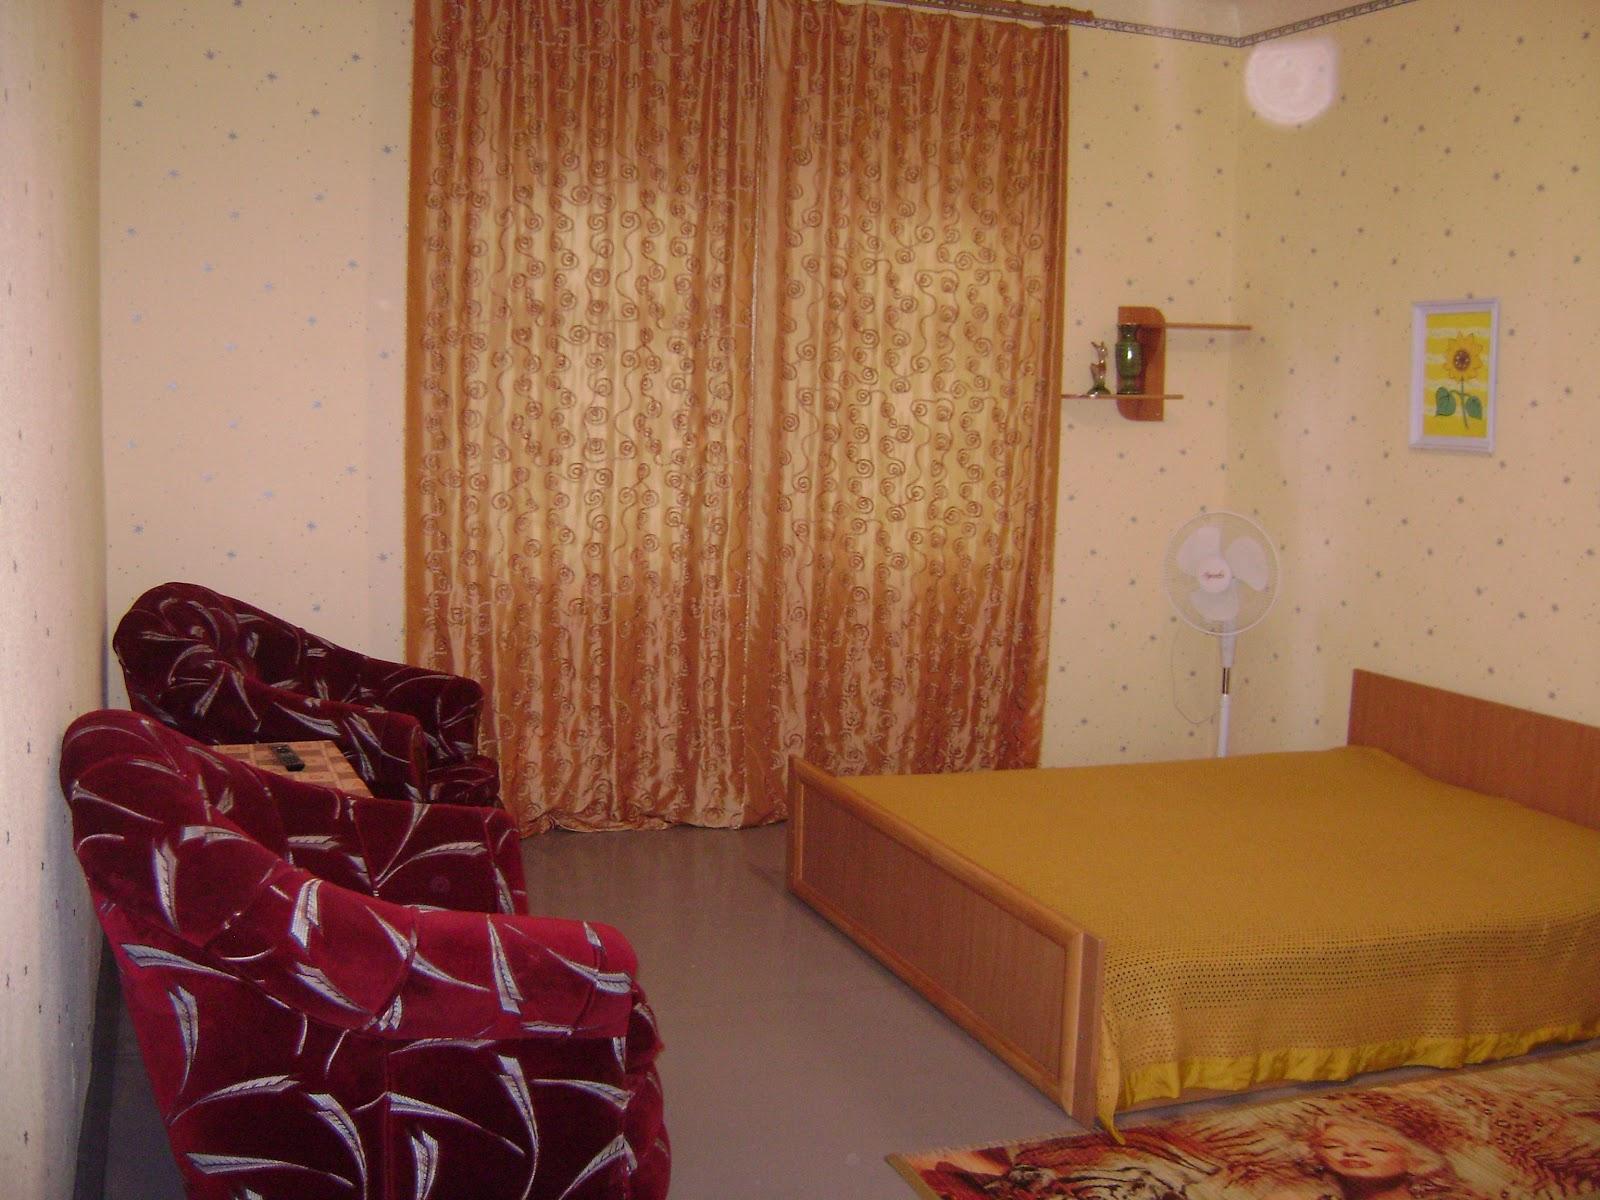 Снять жилье в Симеизе, частный сектор без посредников недорого